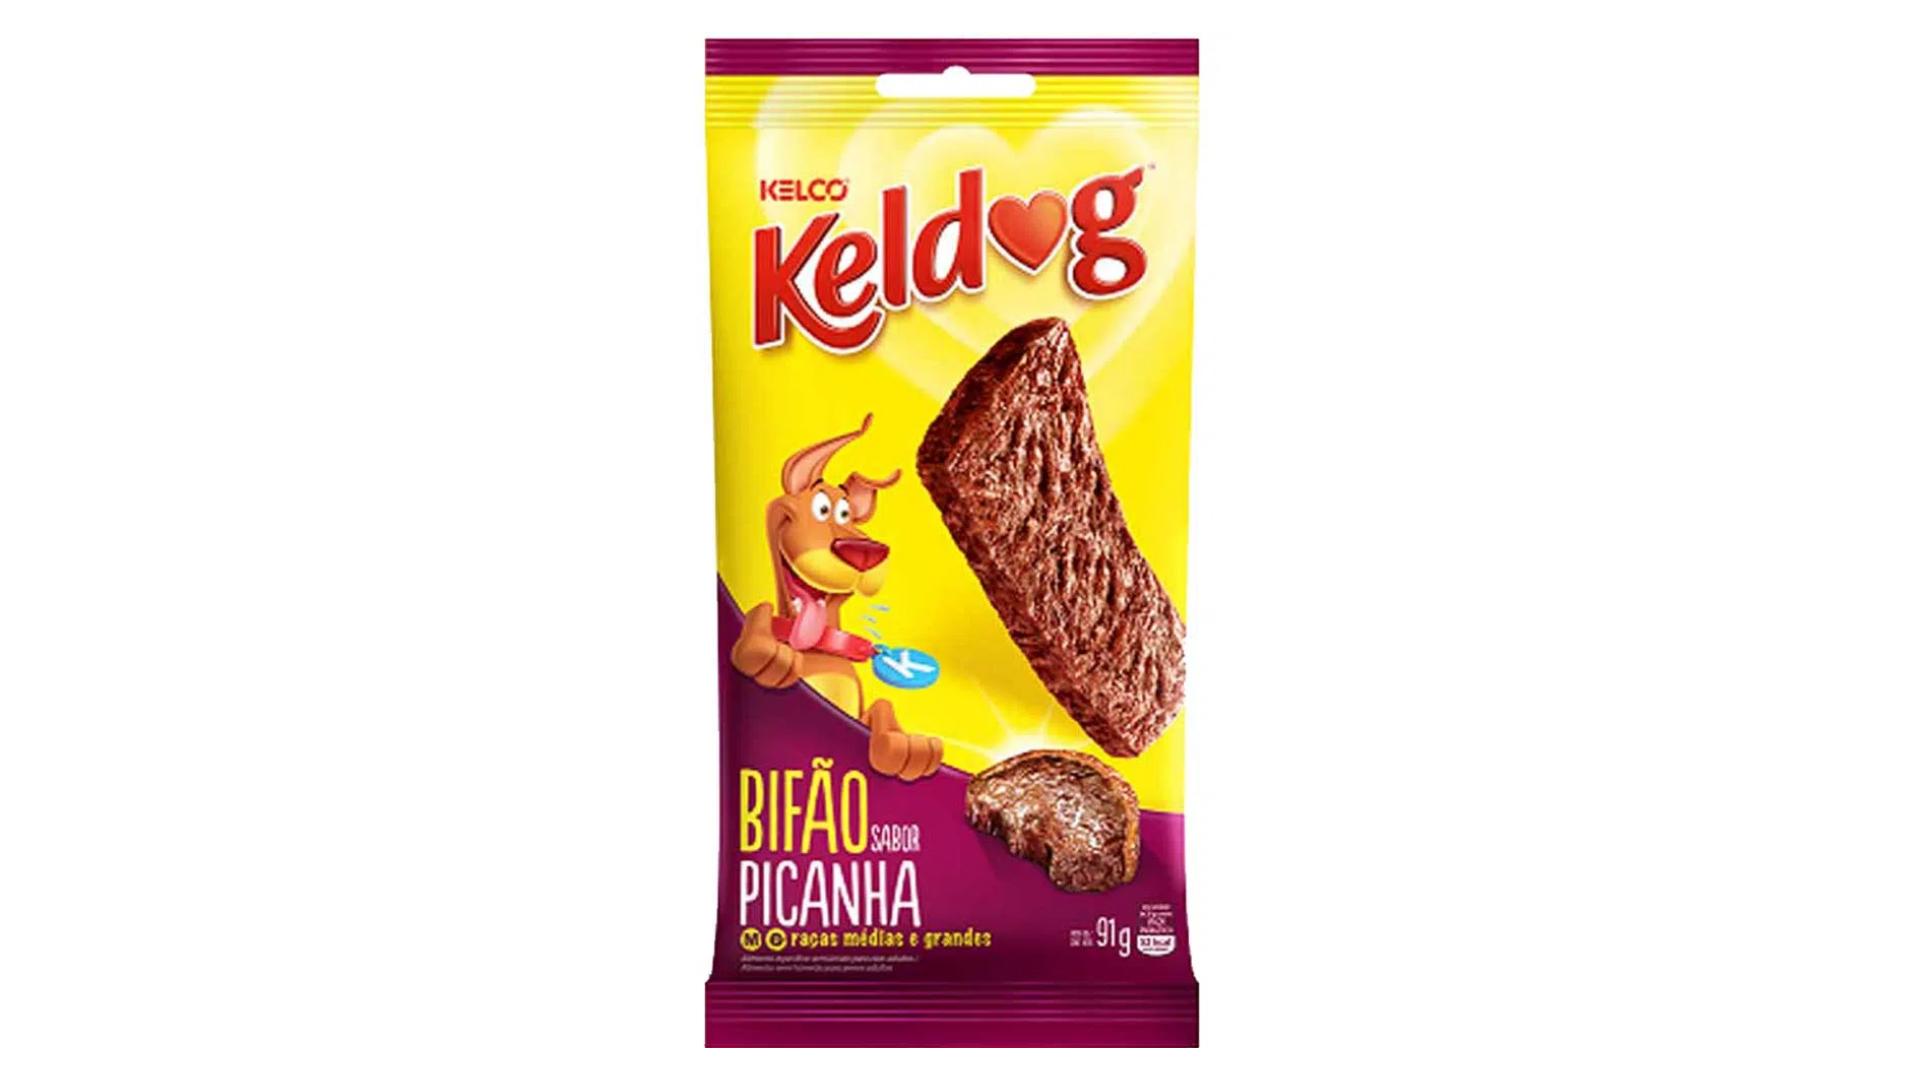 O petisco Keldog Bifão tem ingredientes naturais em sua composição (Imagem: Divulgação/Kelco)